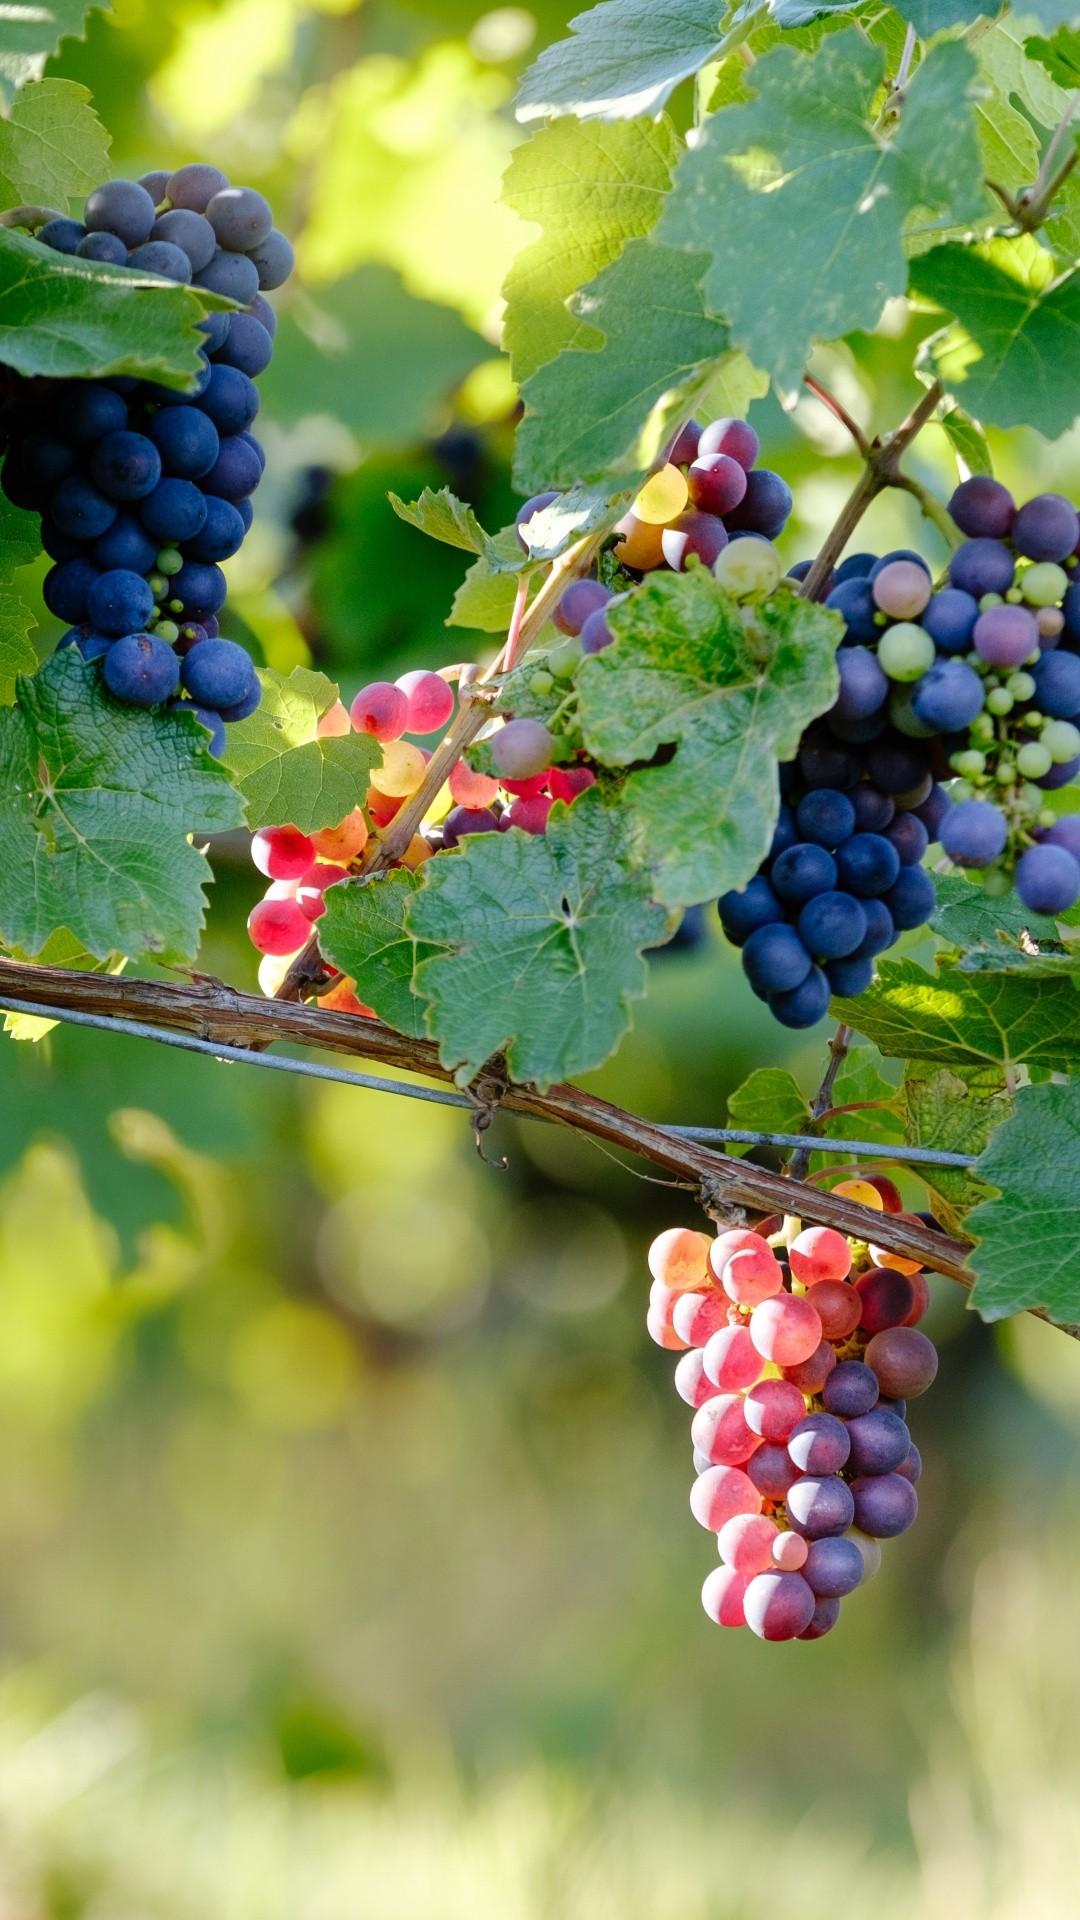 Vineyard Vines hd wallpaper